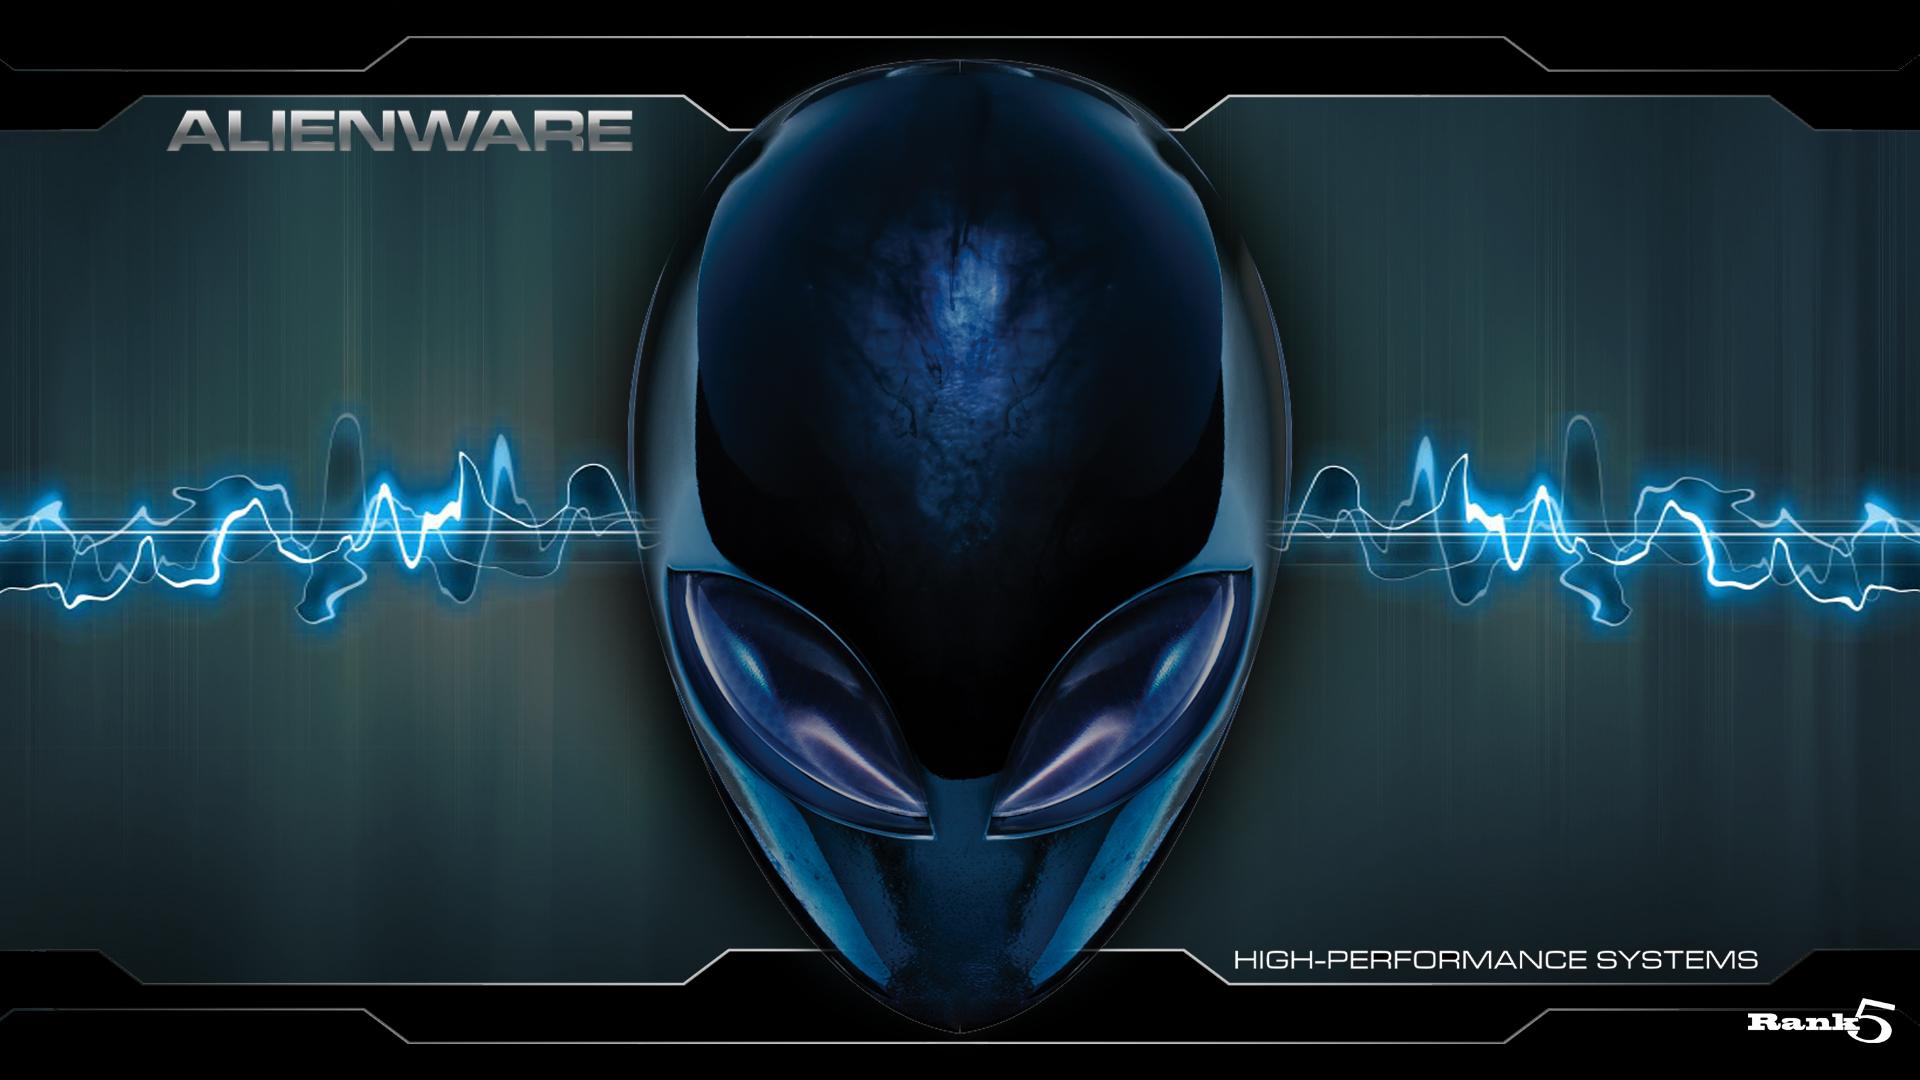 Alienware computer alien 24 wallpaper 1920x1080 219070 alienware computer alien 24 wallpaper 1920x1080 219070 wallpaperup voltagebd Gallery